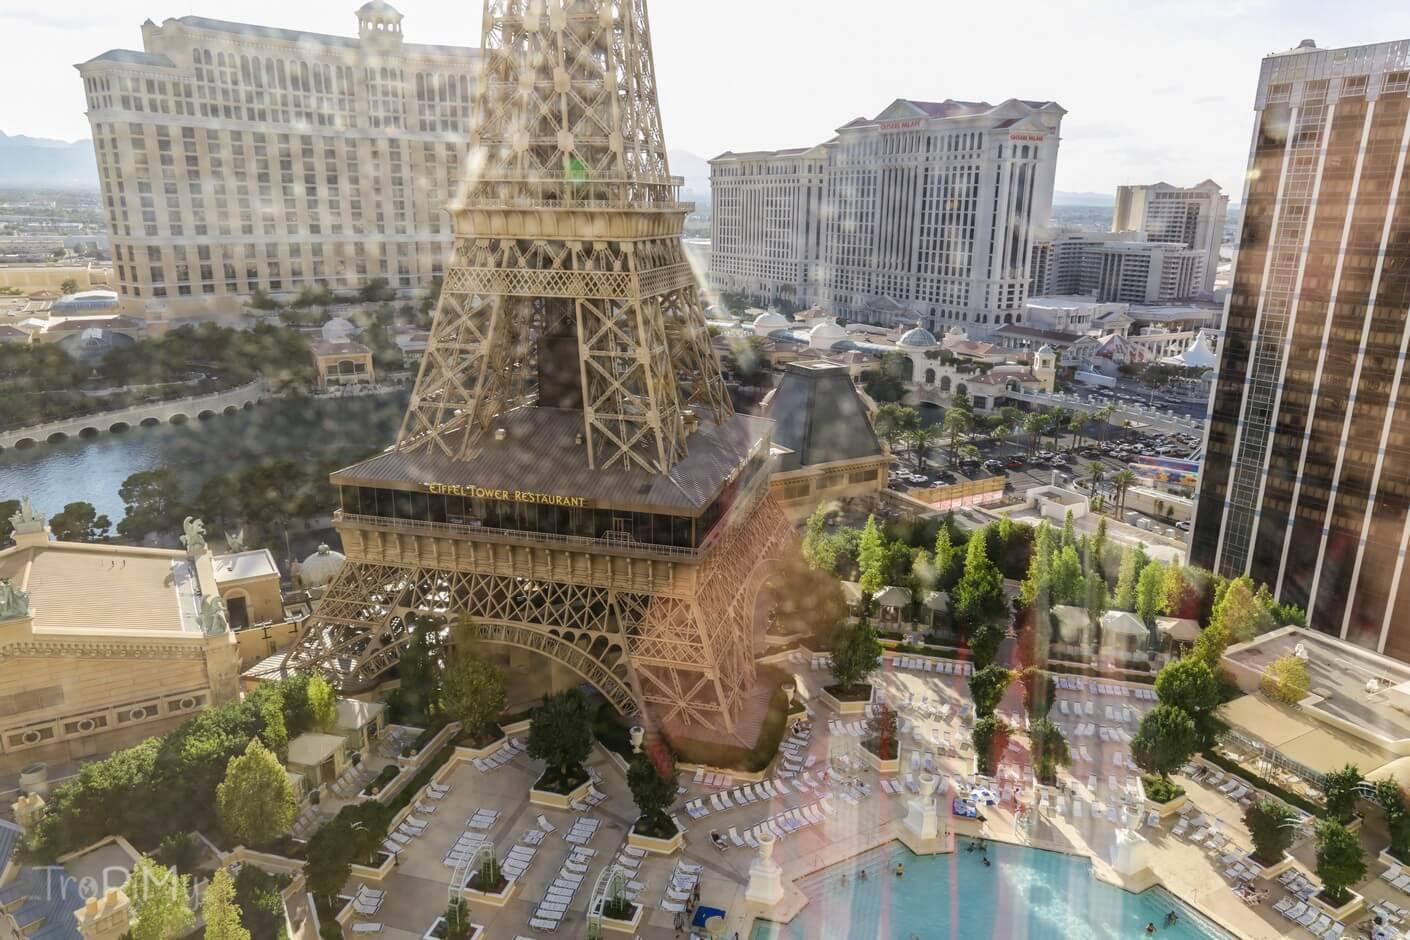 Paris Las Vegas - widok z okna